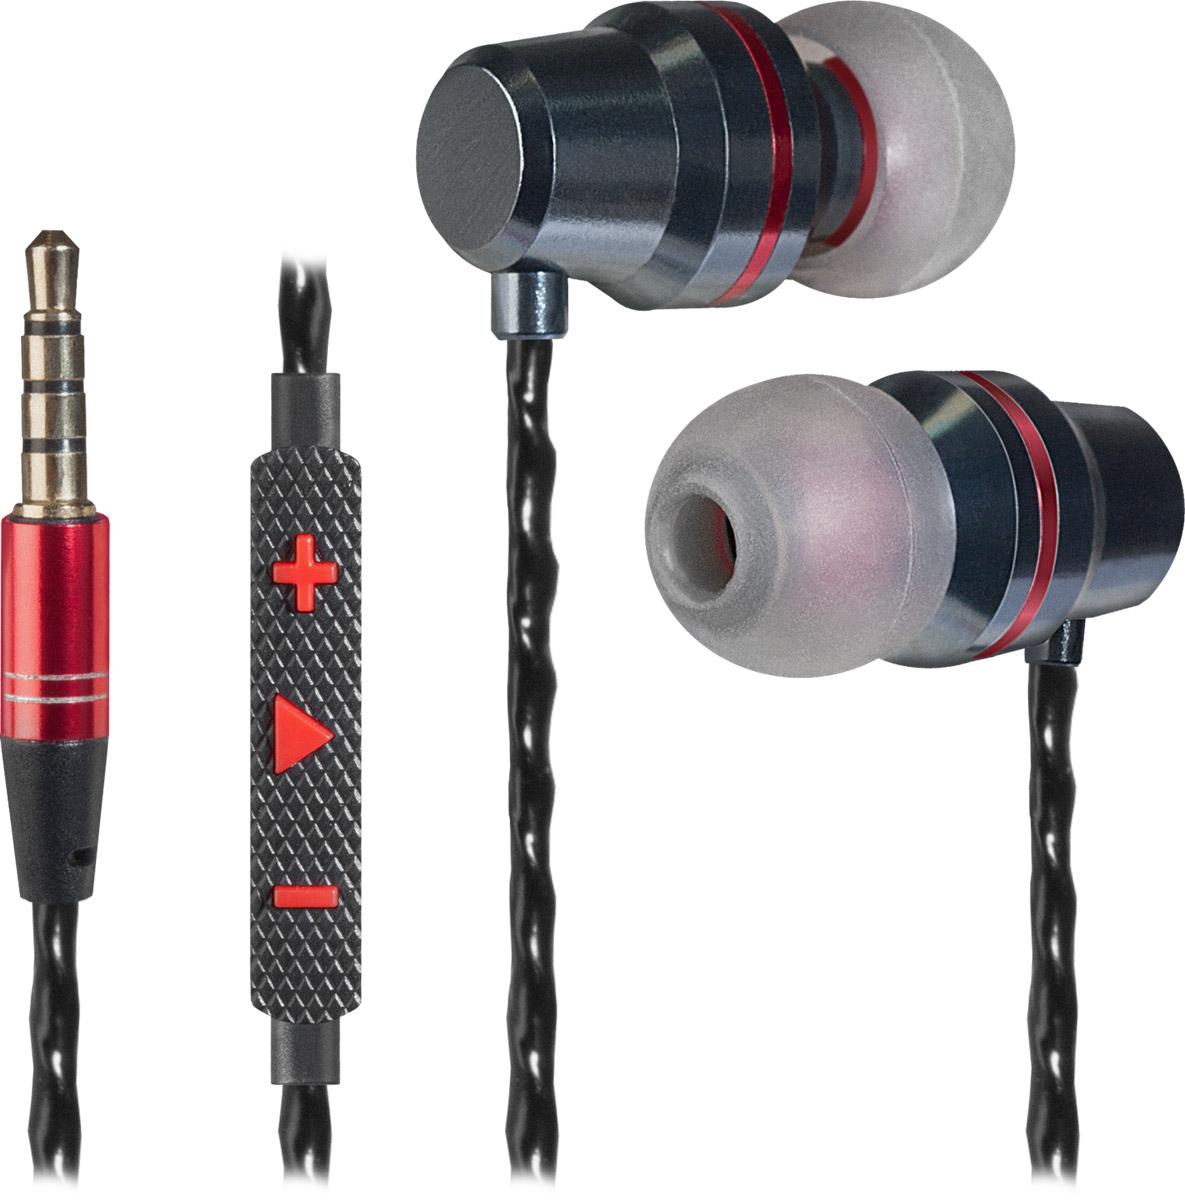 Redragon Lavanda, Black Gray гарнитура64431Redragon Lavanda - игровая гарнитура для мобильных устройств в металлическом корпусе.Отличный выбор для повседневного использования, в том числе, в общественном транспорте, на улице и в шумных помещенияхДанная модель имеет плетеный кабель и универсальные кнопки регулировки громкости для Android и Apple устройств.Хорошая звукоизоляцияСлушайте любимую музыку и аудиокниги в дороге - ничто не будет вам мешать.